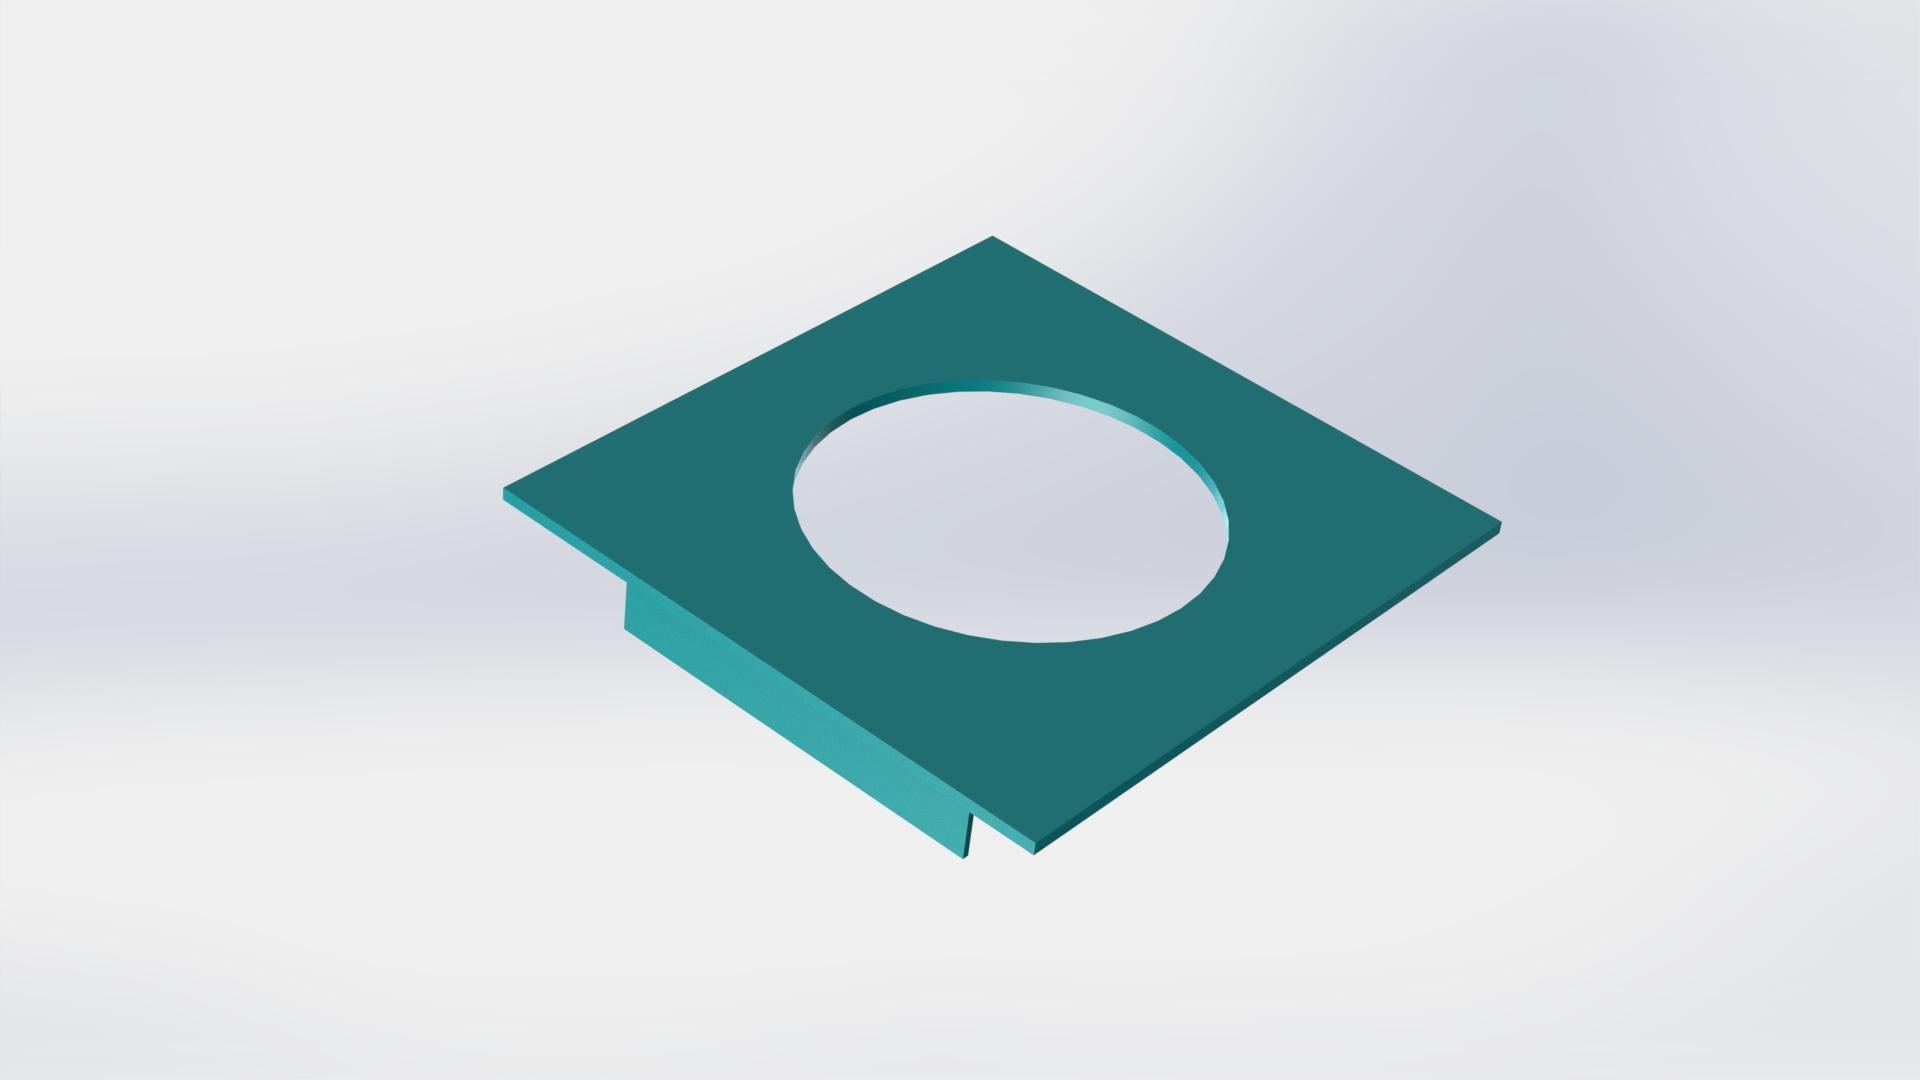 DIY Hydroponics for Medical Marijuana - 3Dponics Lid